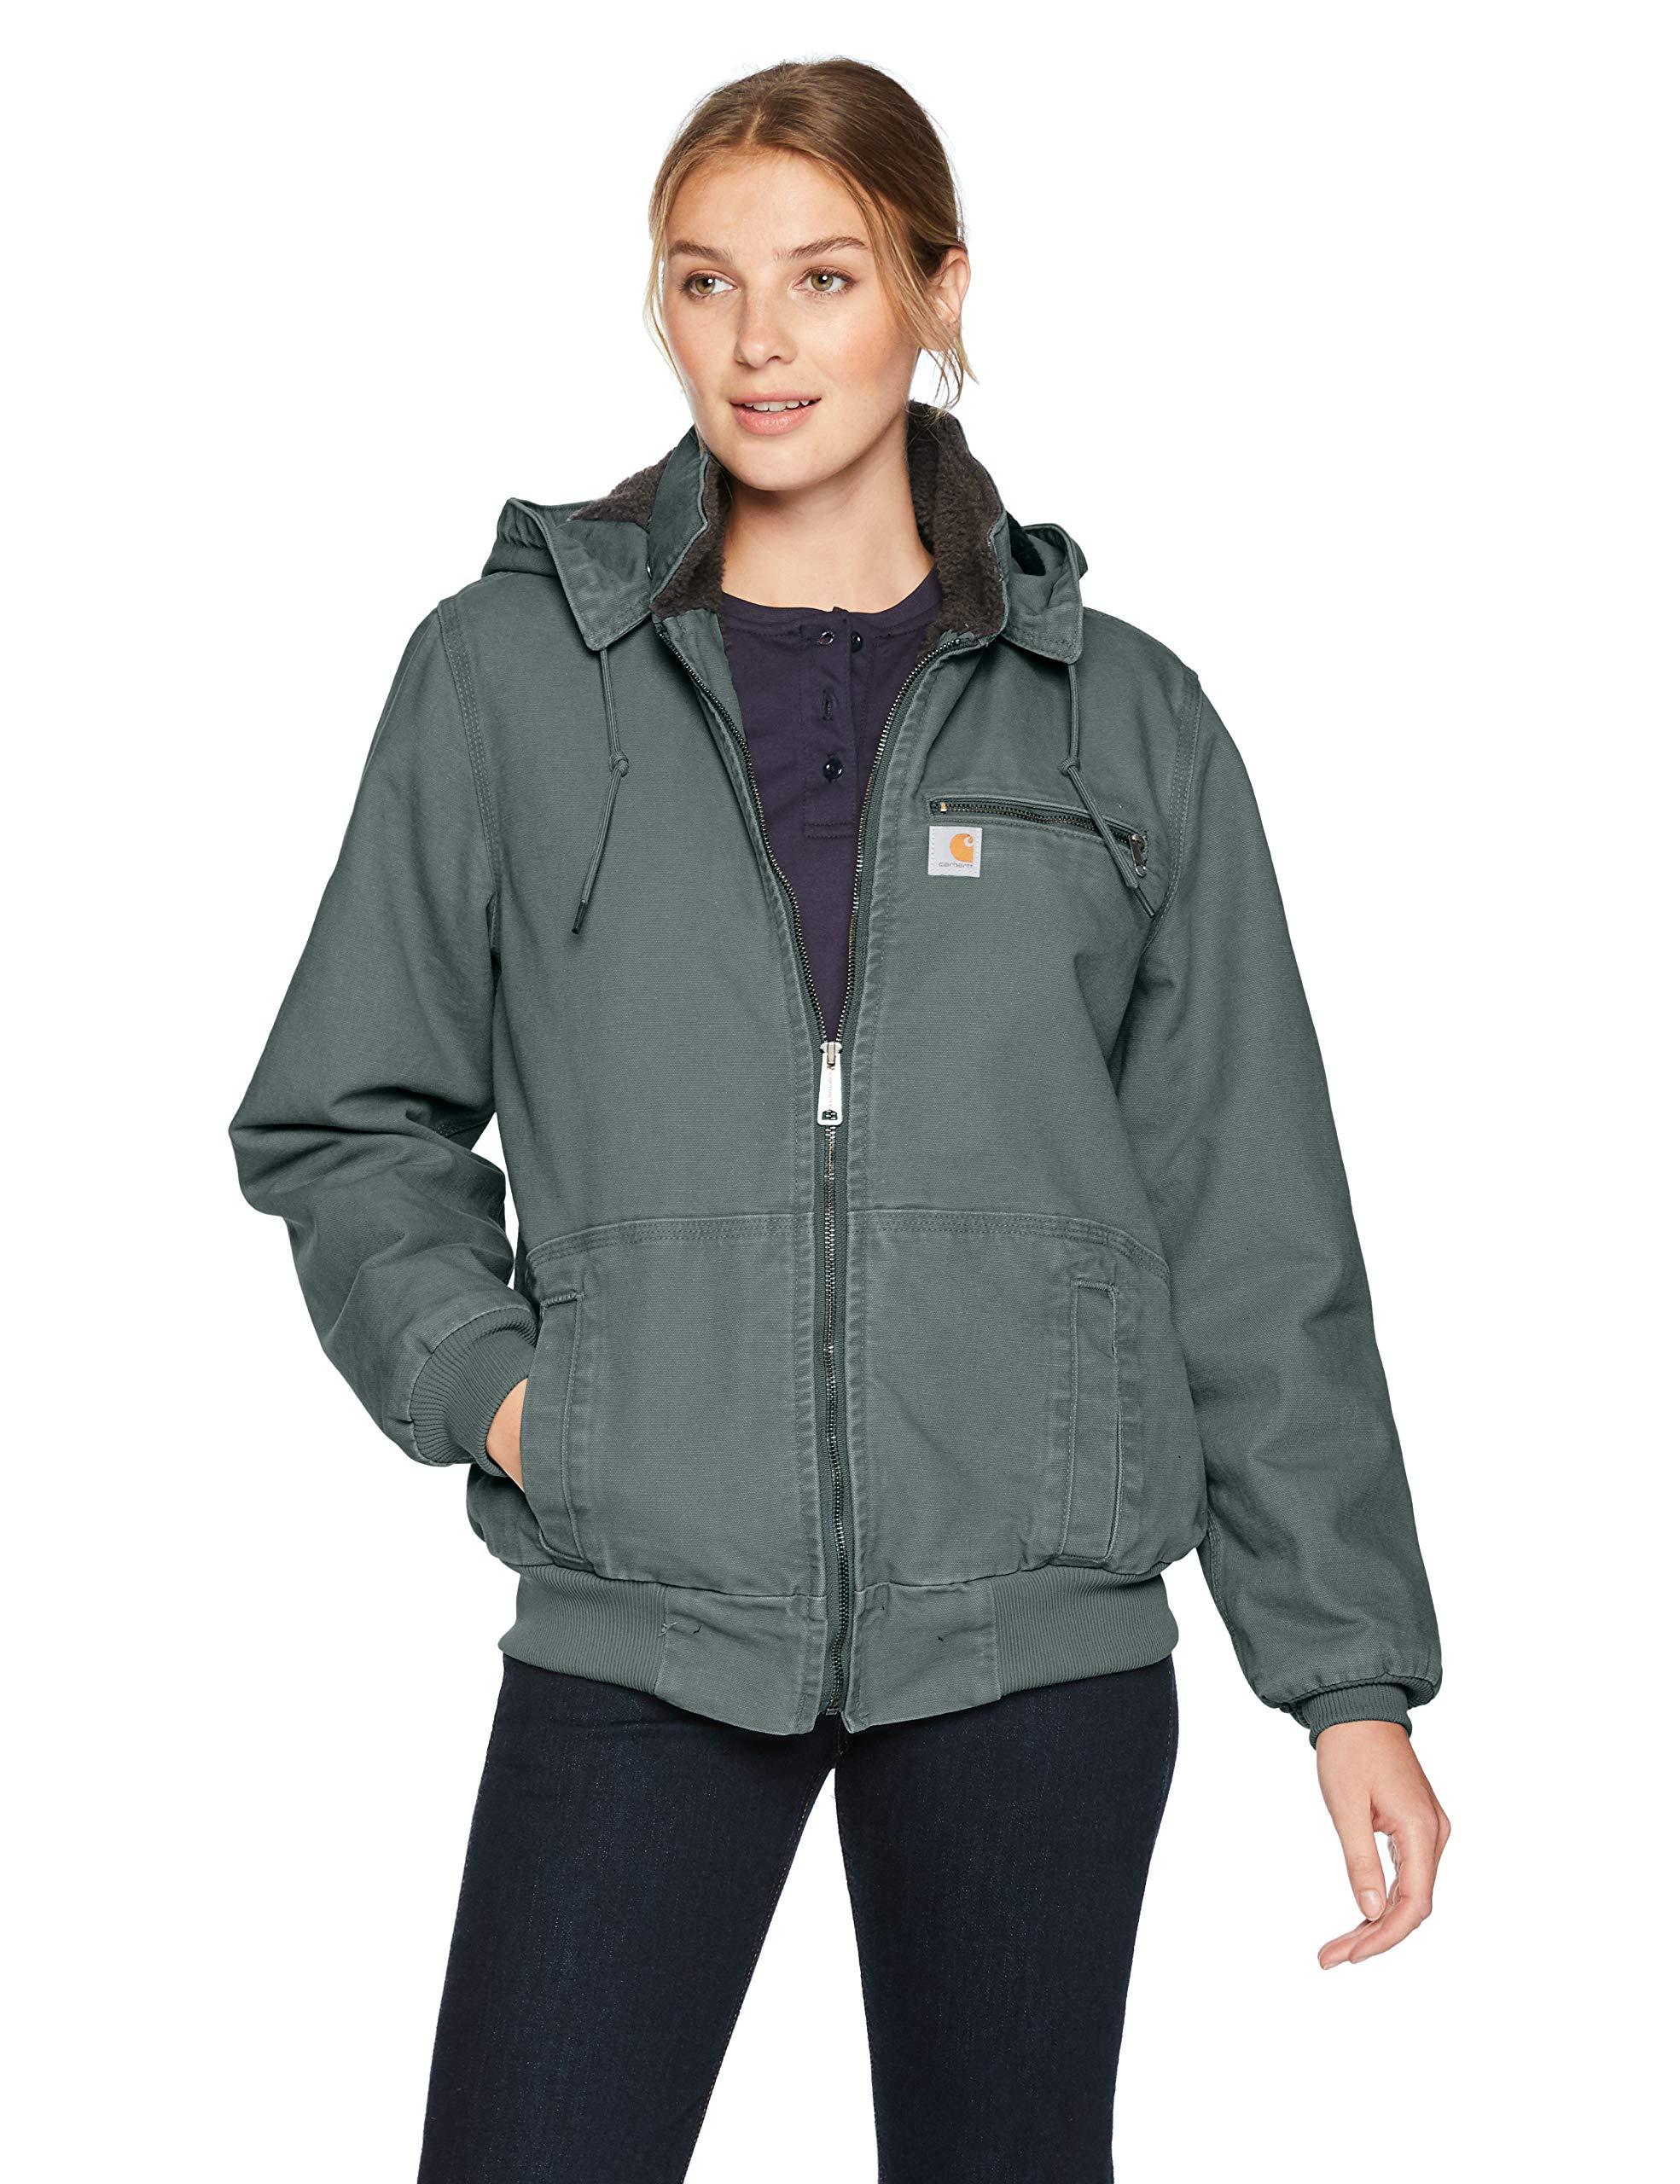 Carhartt Women's Wildwood Jacket